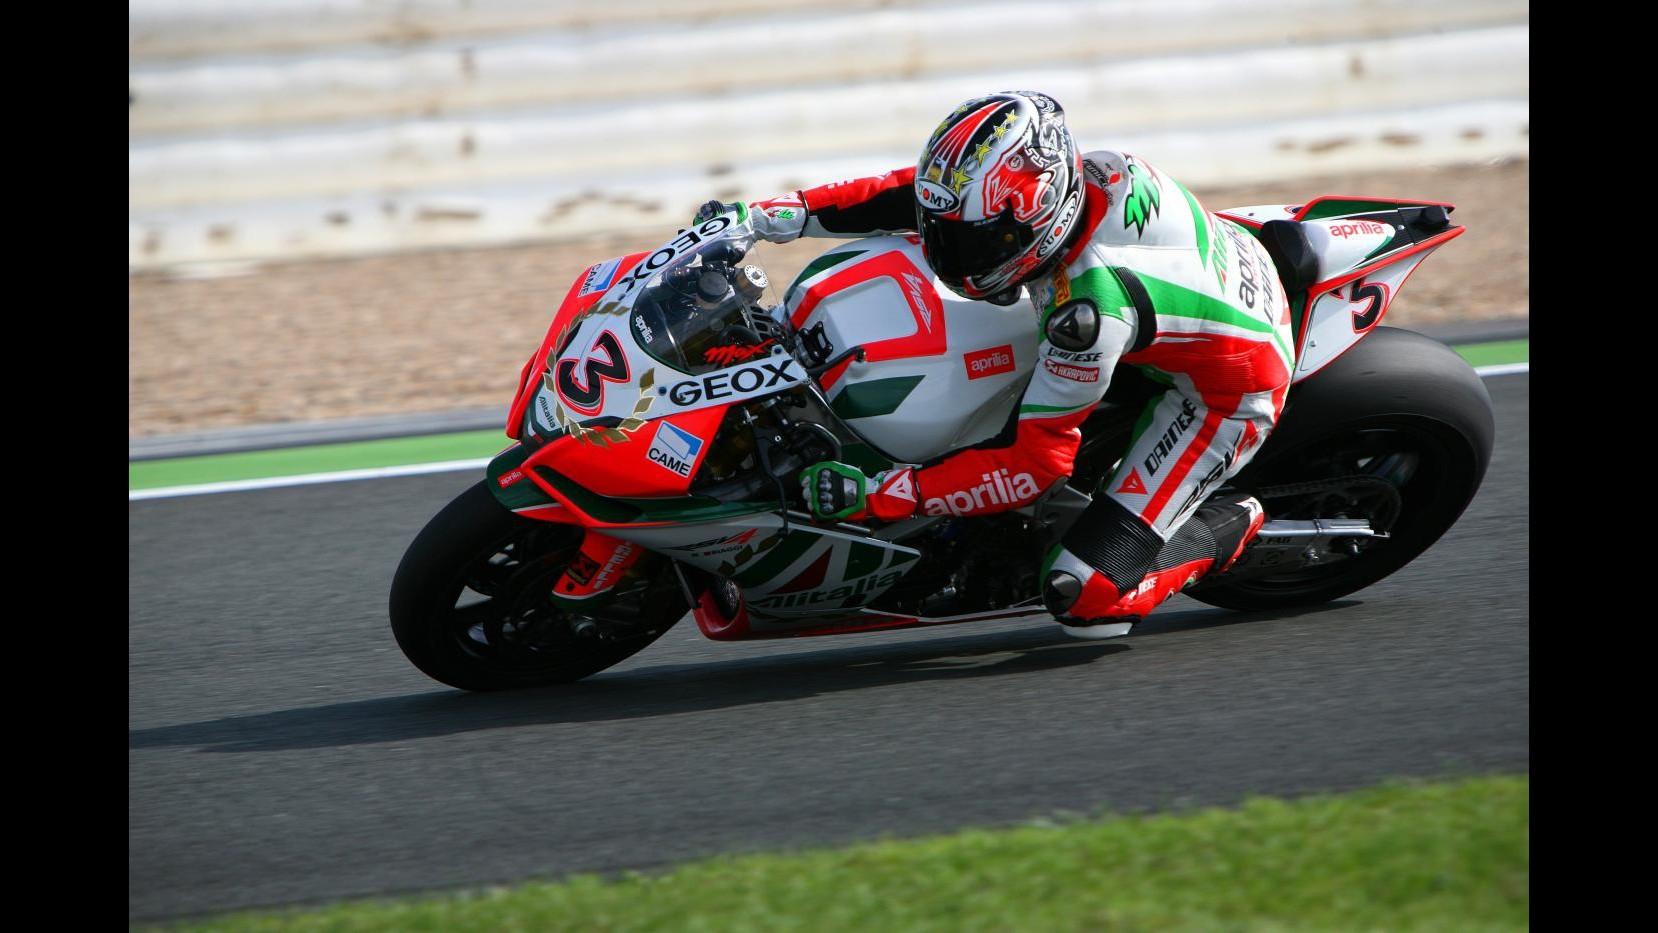 Superbike, Gp Spagna: in gara 2 rivincita di Biaggi su Melandri